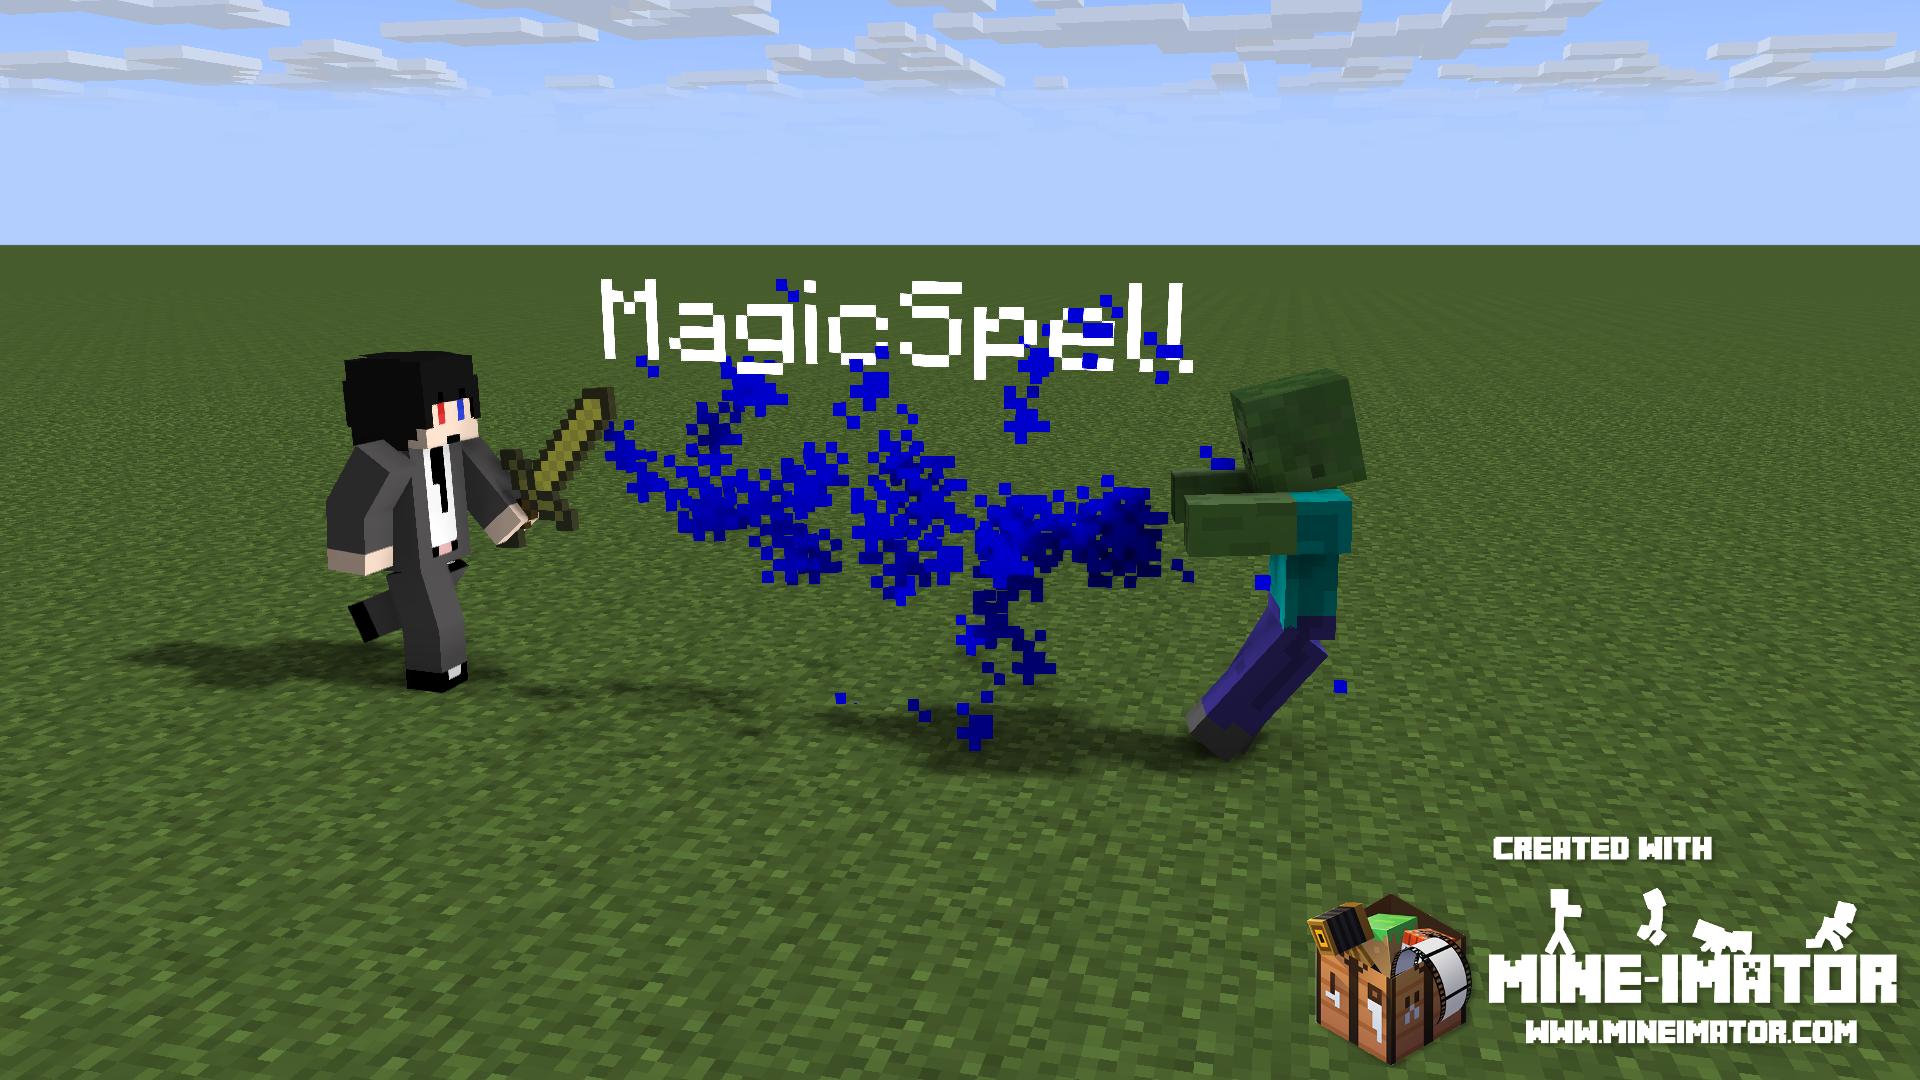 MagicSpell.png